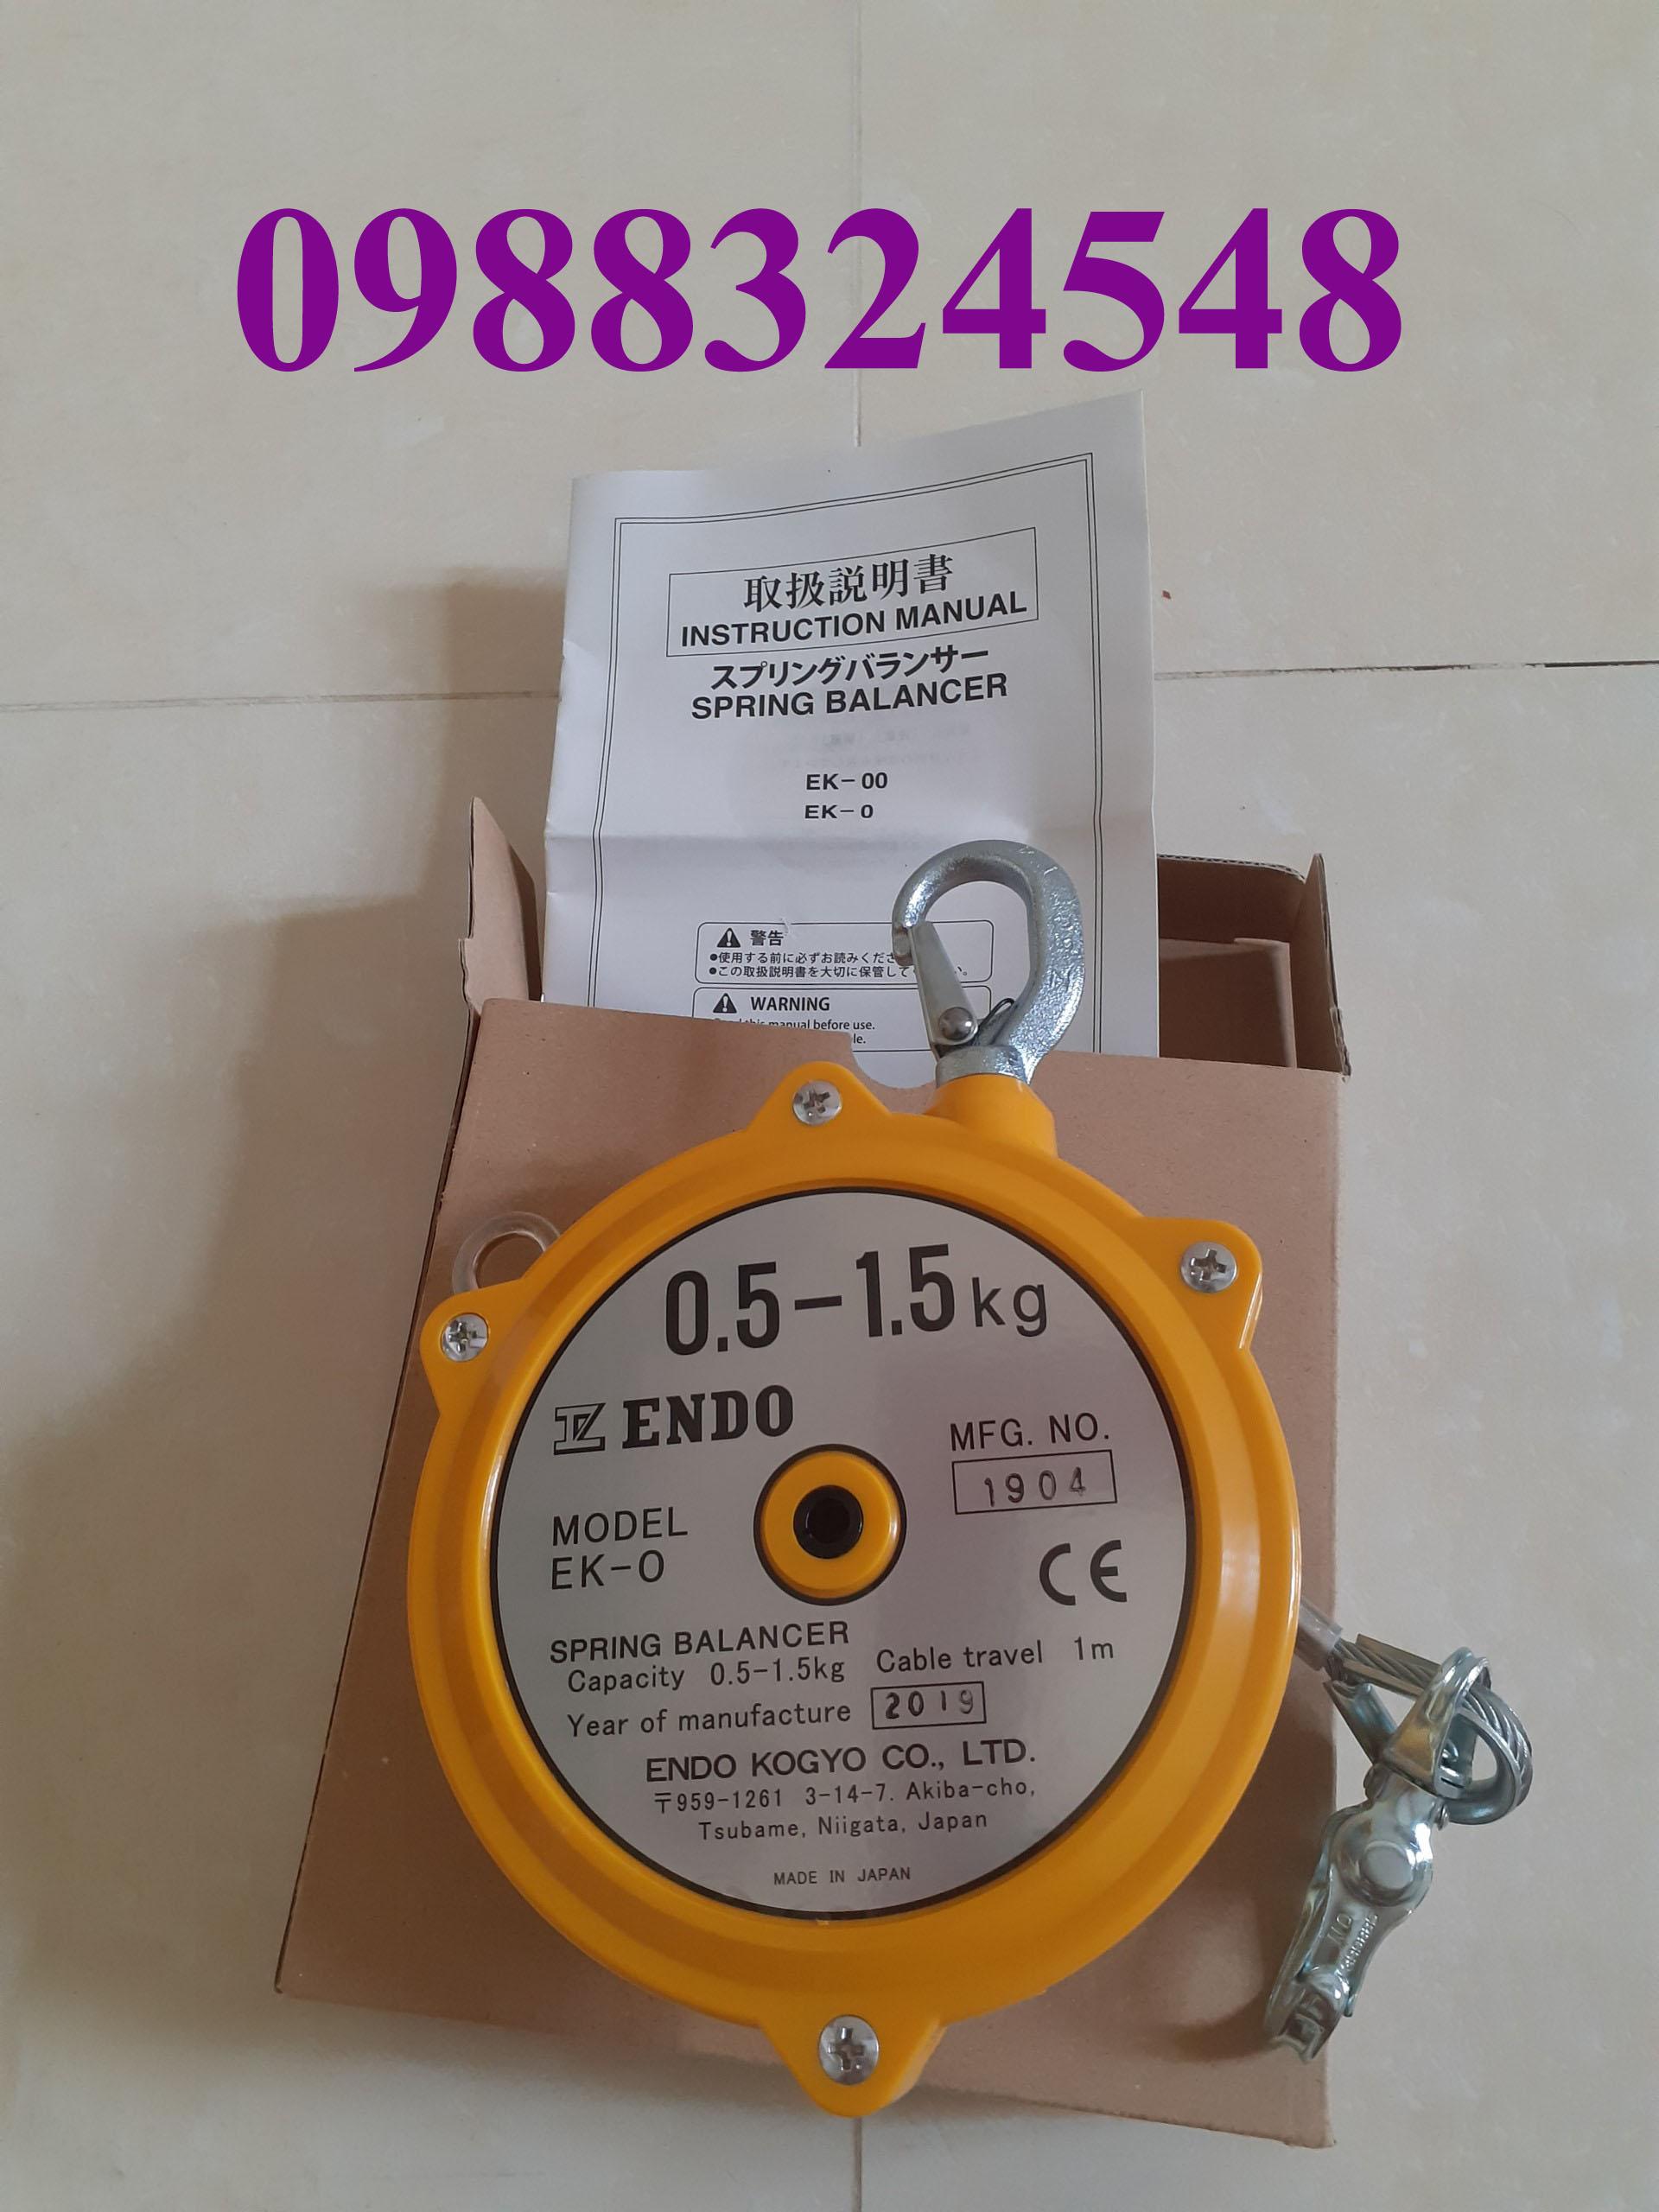 Pa lăng cân bằng Endo EK-0, tải trọng: 0.5-1.5kg